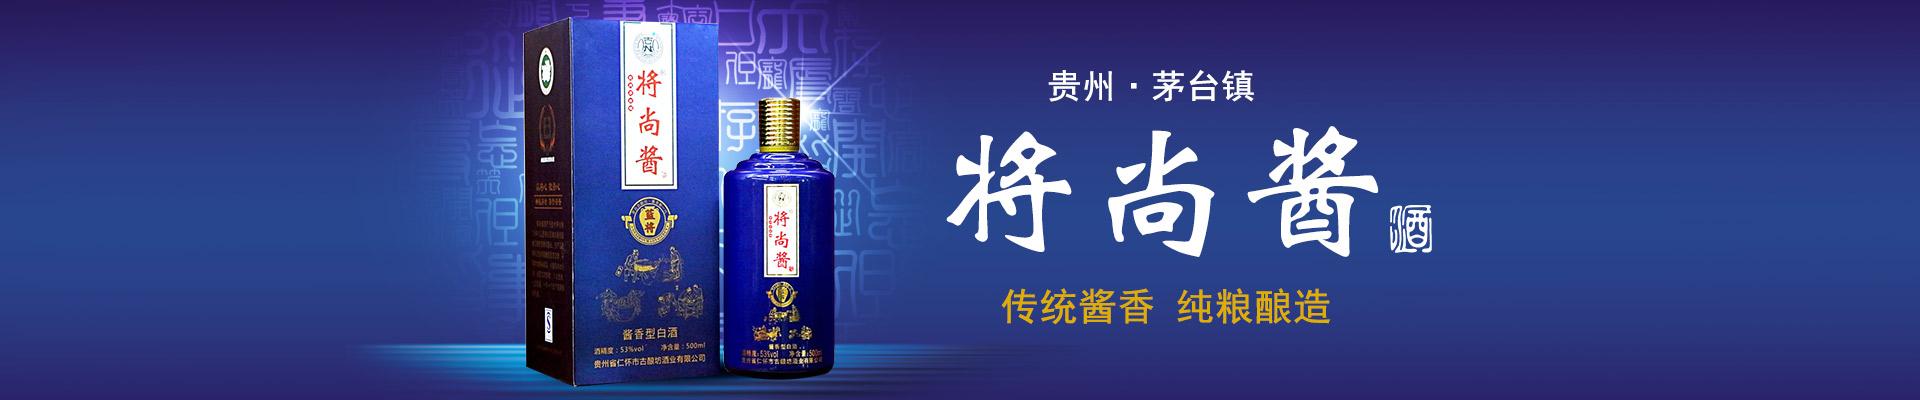 贵州古酿坊酒业将尚酱酒全国招商